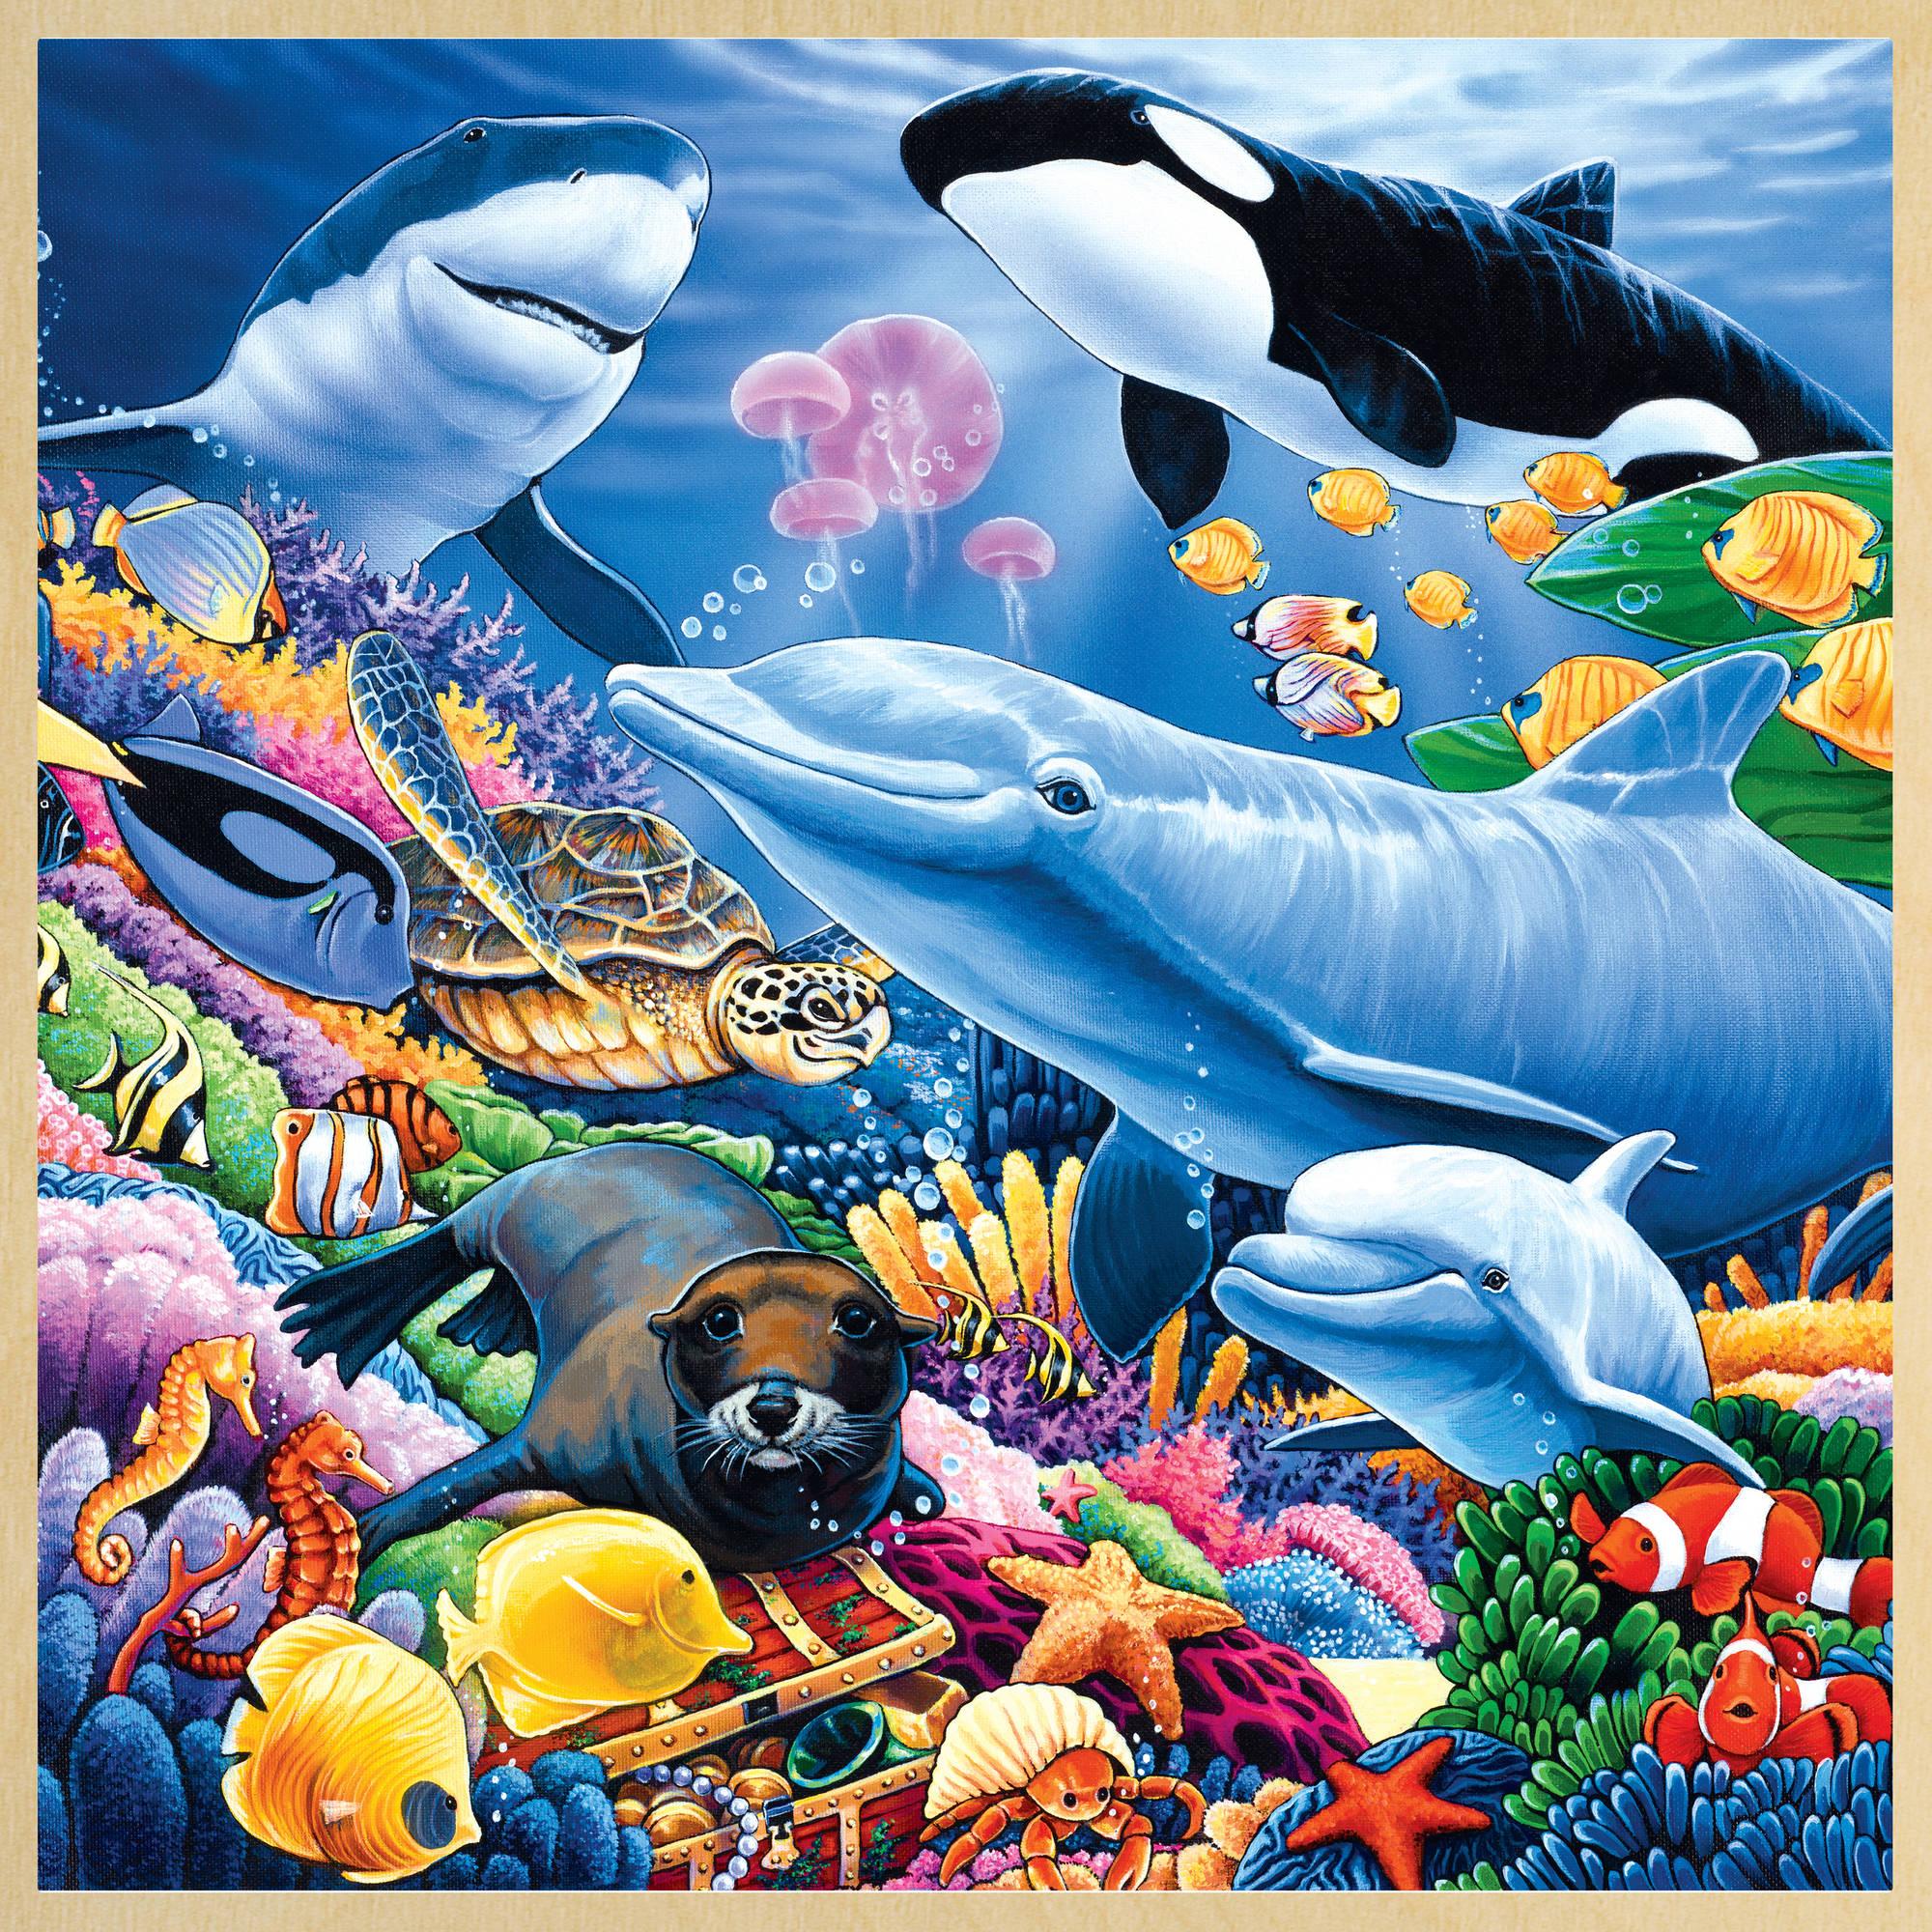 MasterPieces Puzzle Company MasterPieces Undersea Friends 48 Piece Puzzle